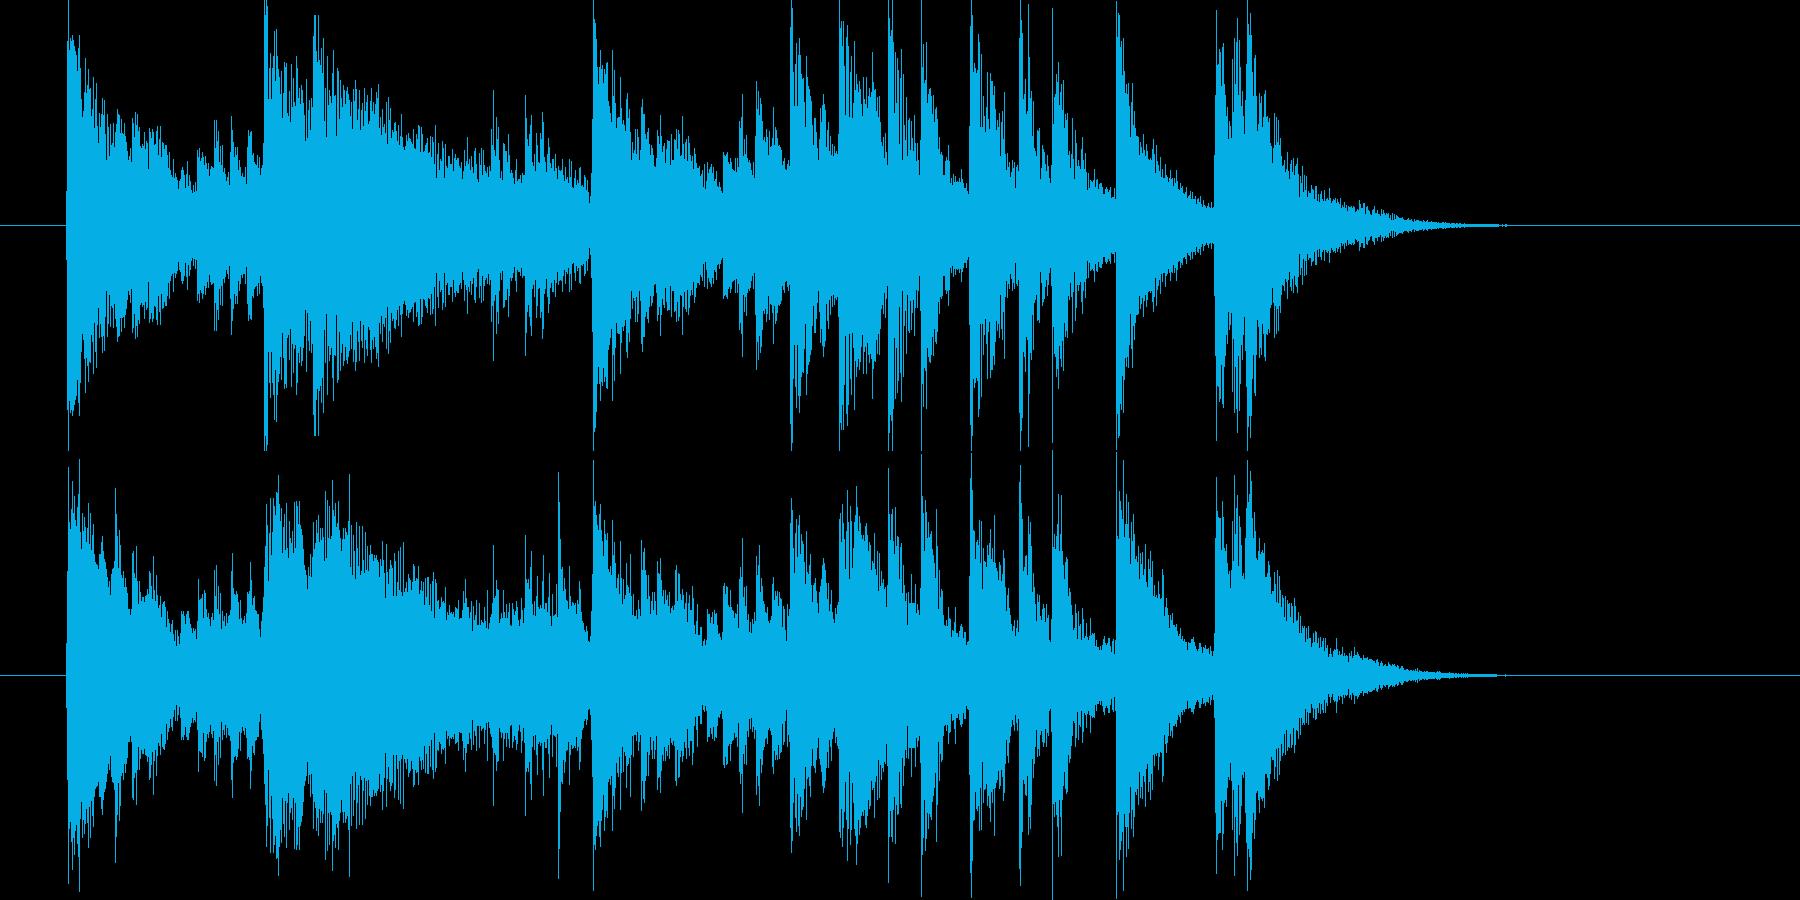 メロディアスで軽快なピアノジングルの再生済みの波形